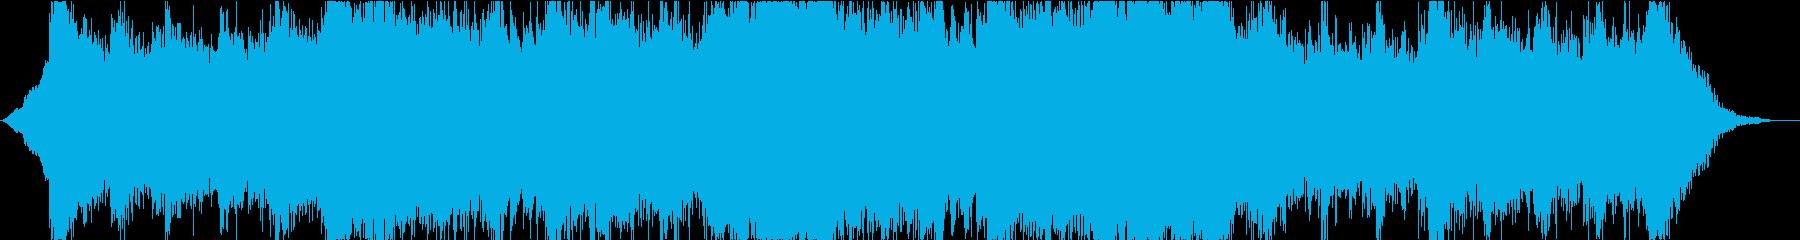 現代の交響曲 広い 壮大 劇的な ...の再生済みの波形